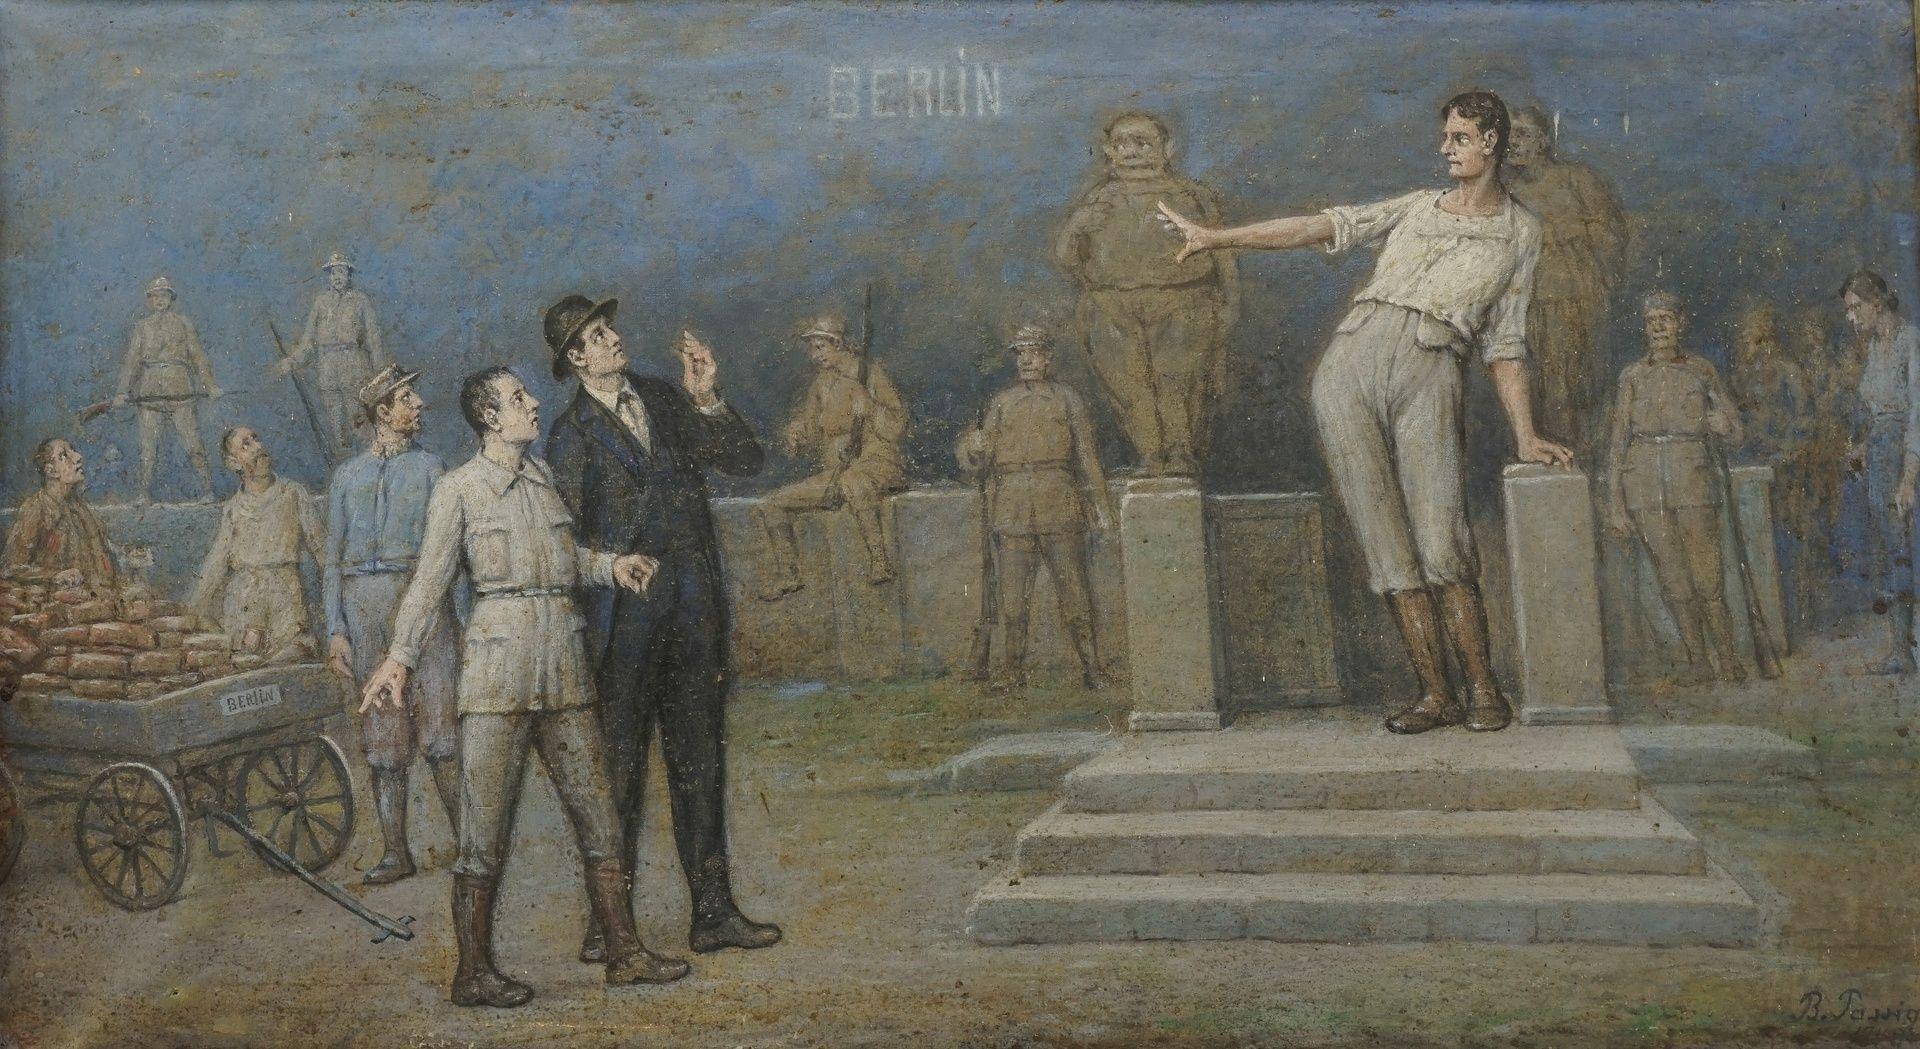 Bendix Passig, Der Wiederaufbau Berlins unter den Siegermächten ( )